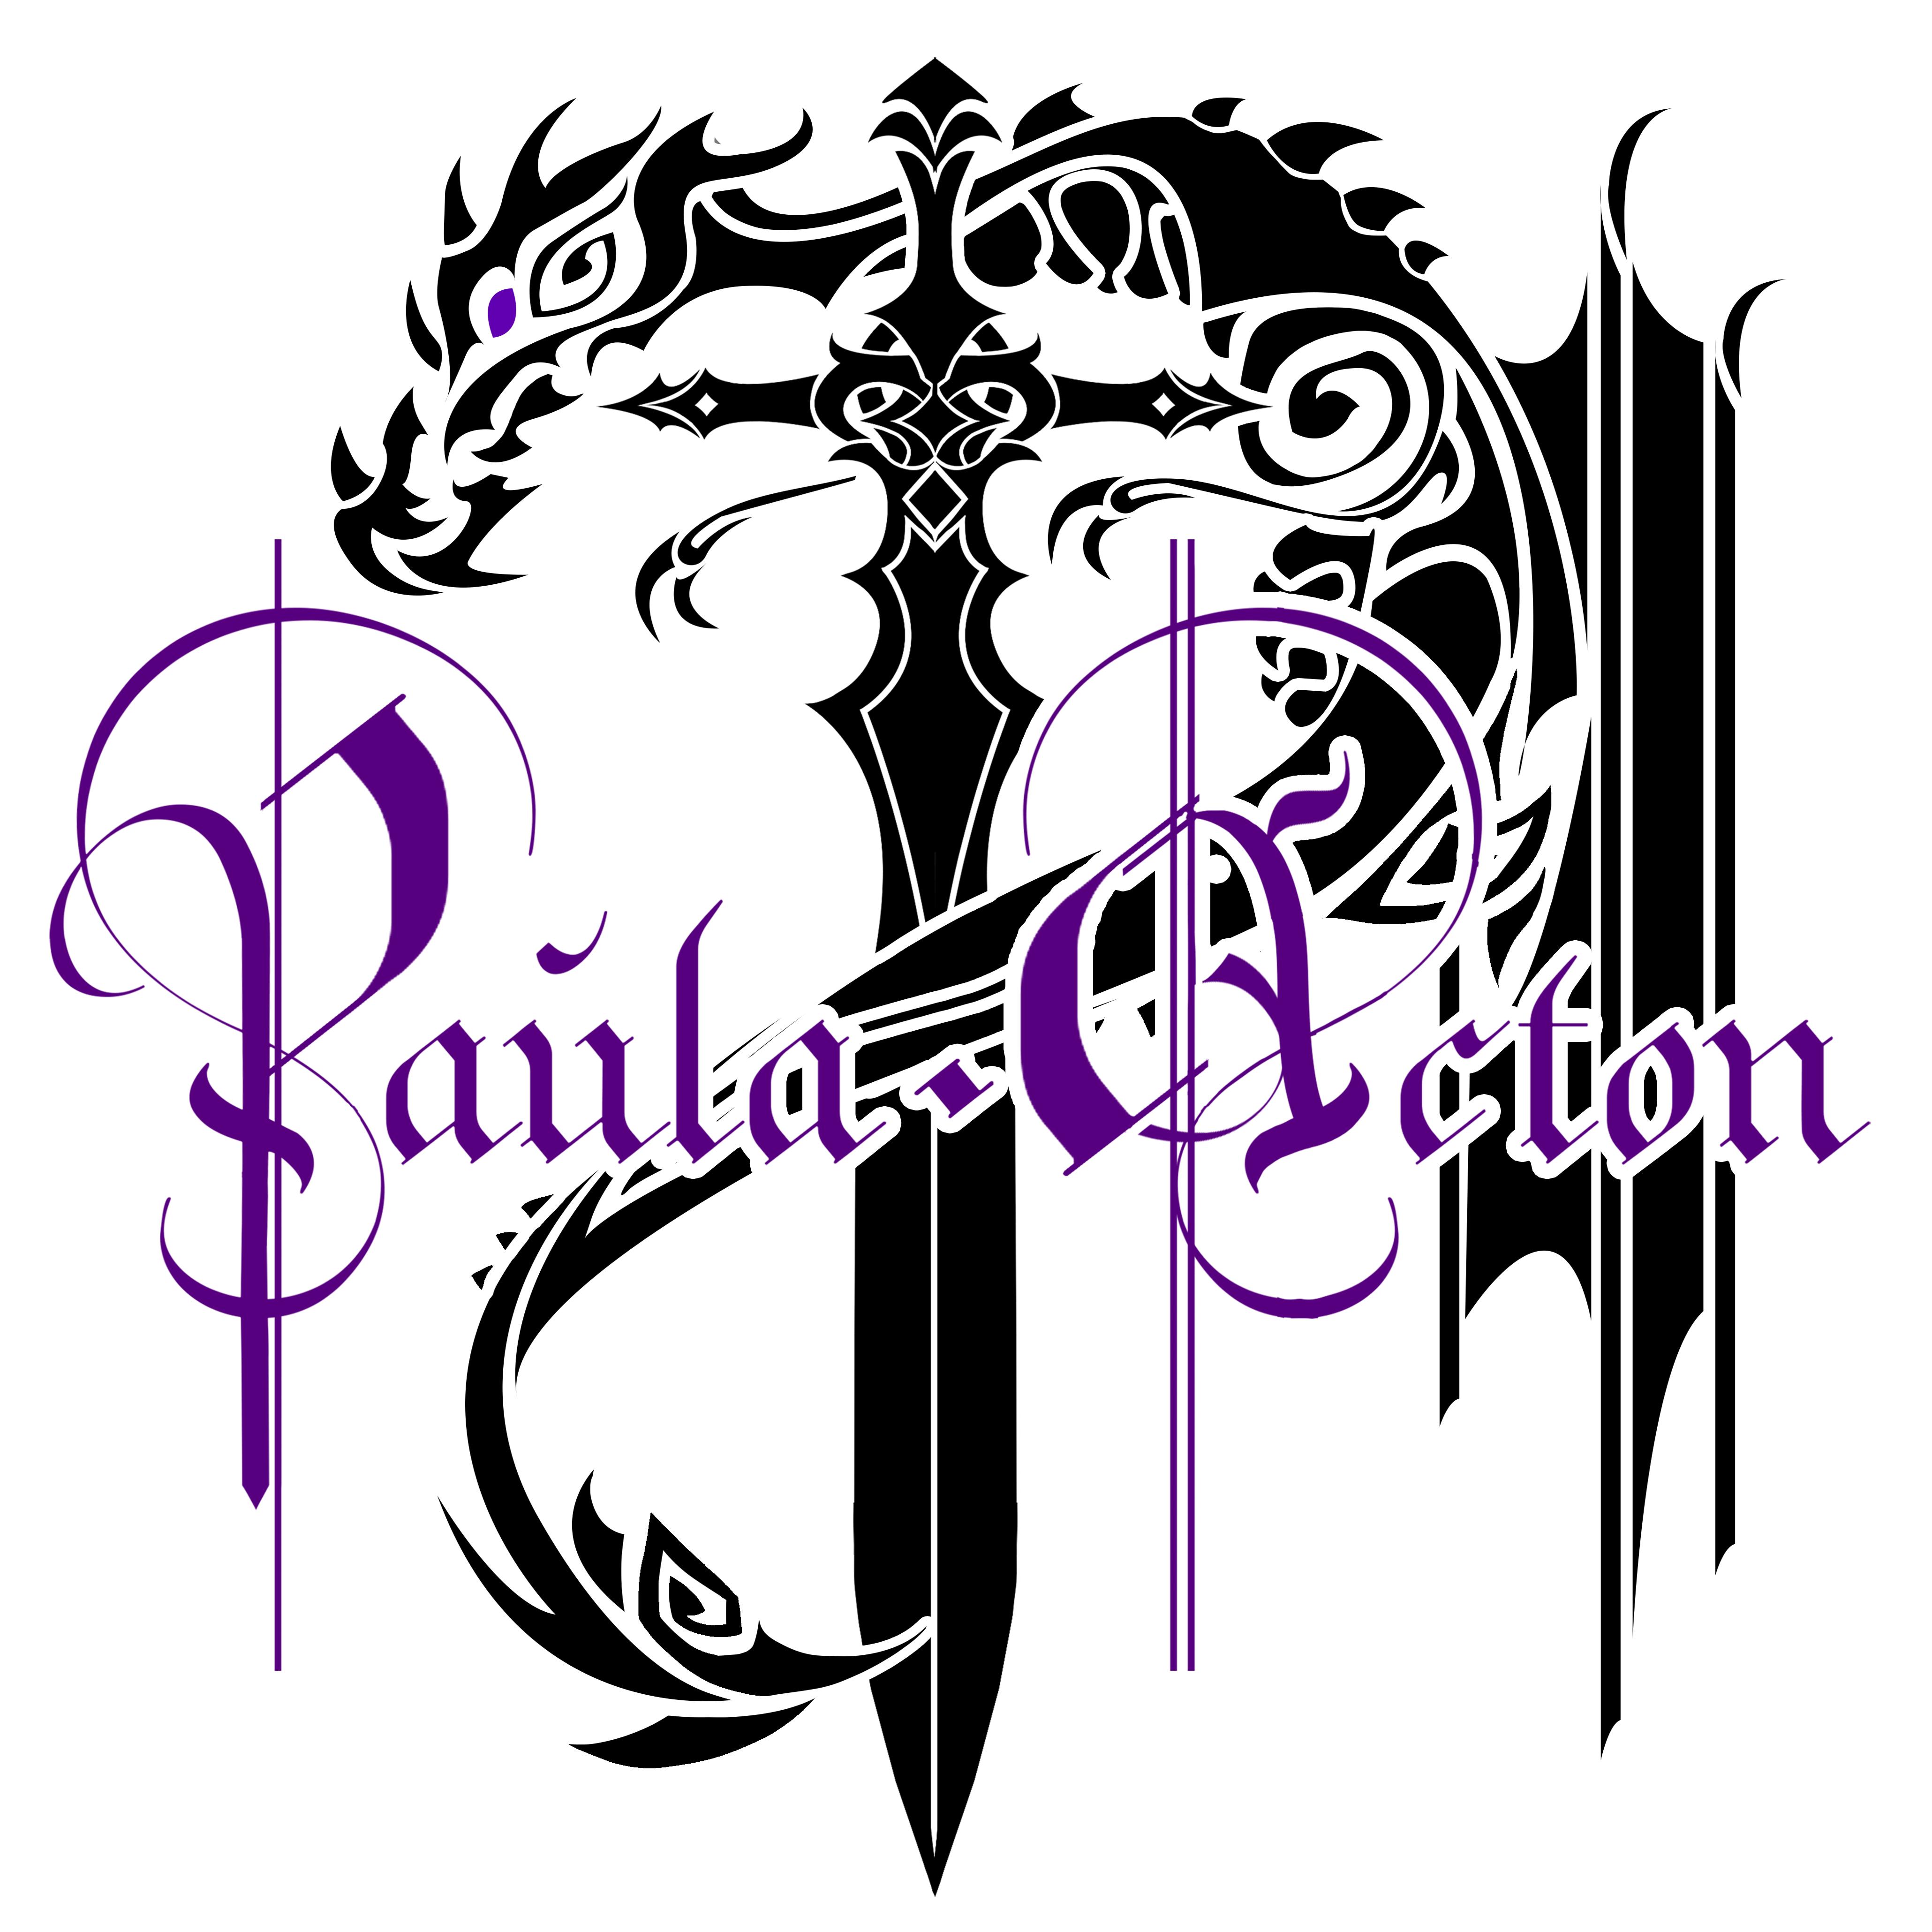 Paula Acton